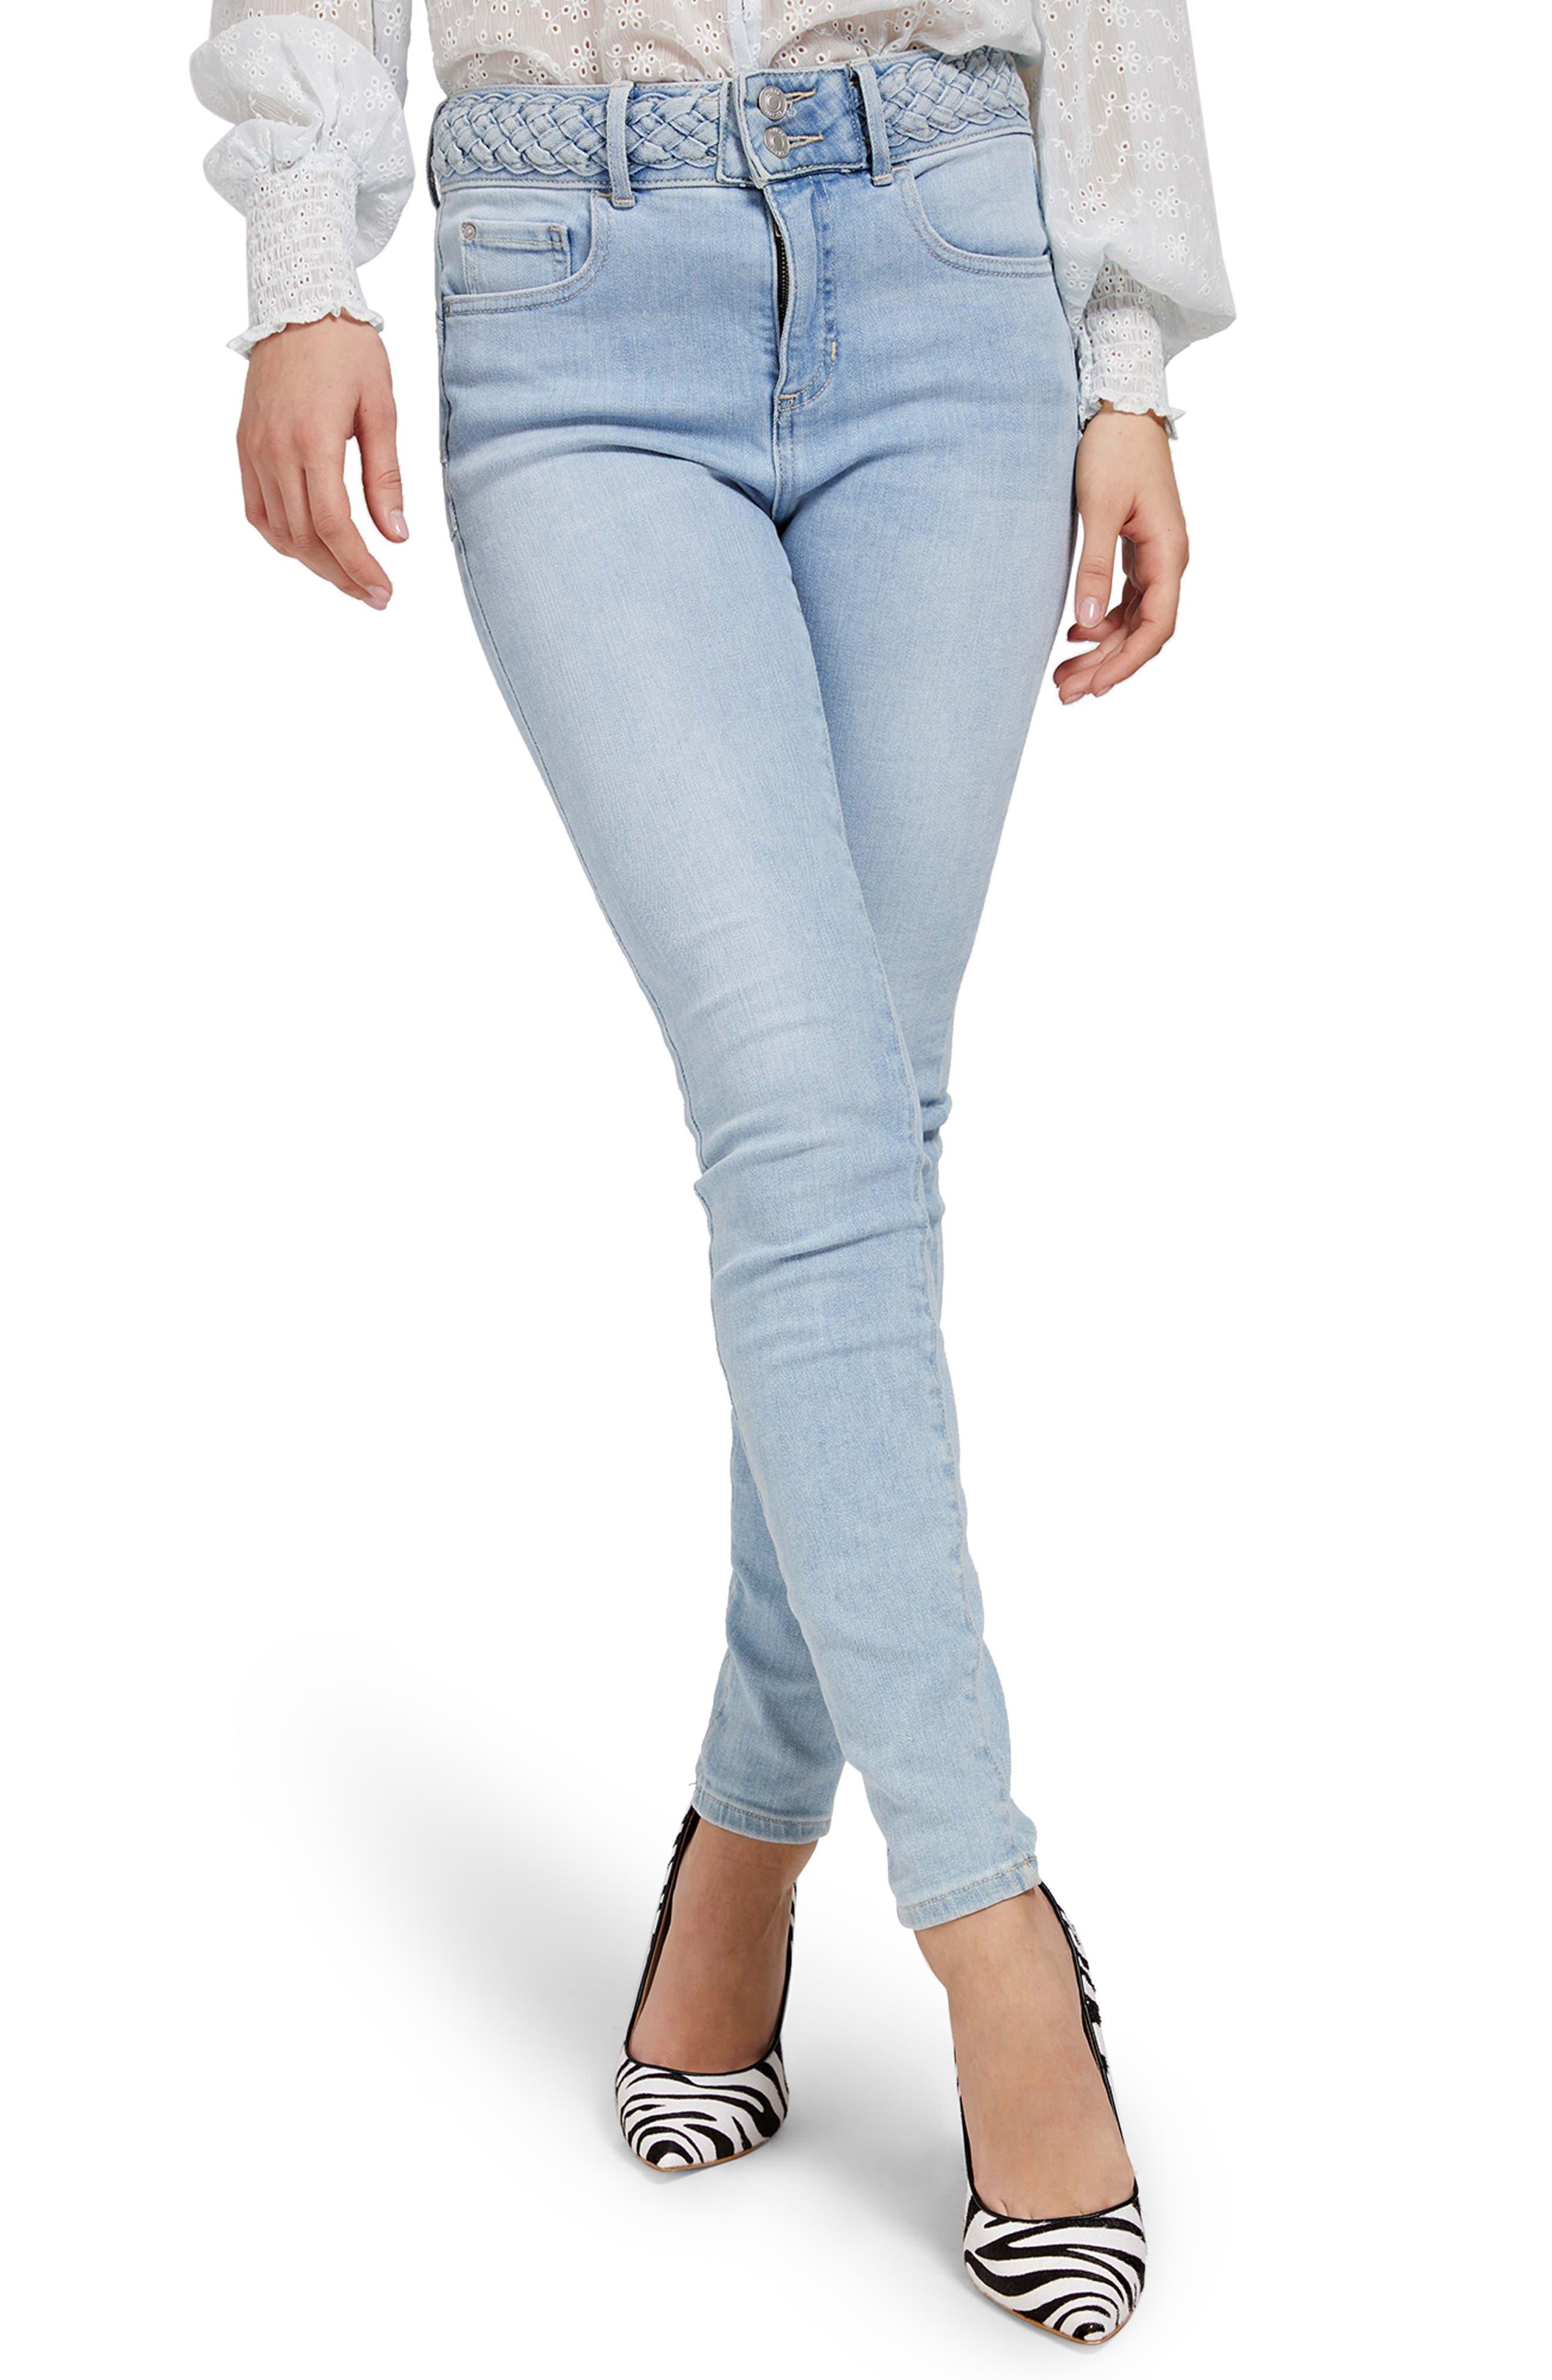 Shape Up Braided Waistband High Waist Skinny Jeans